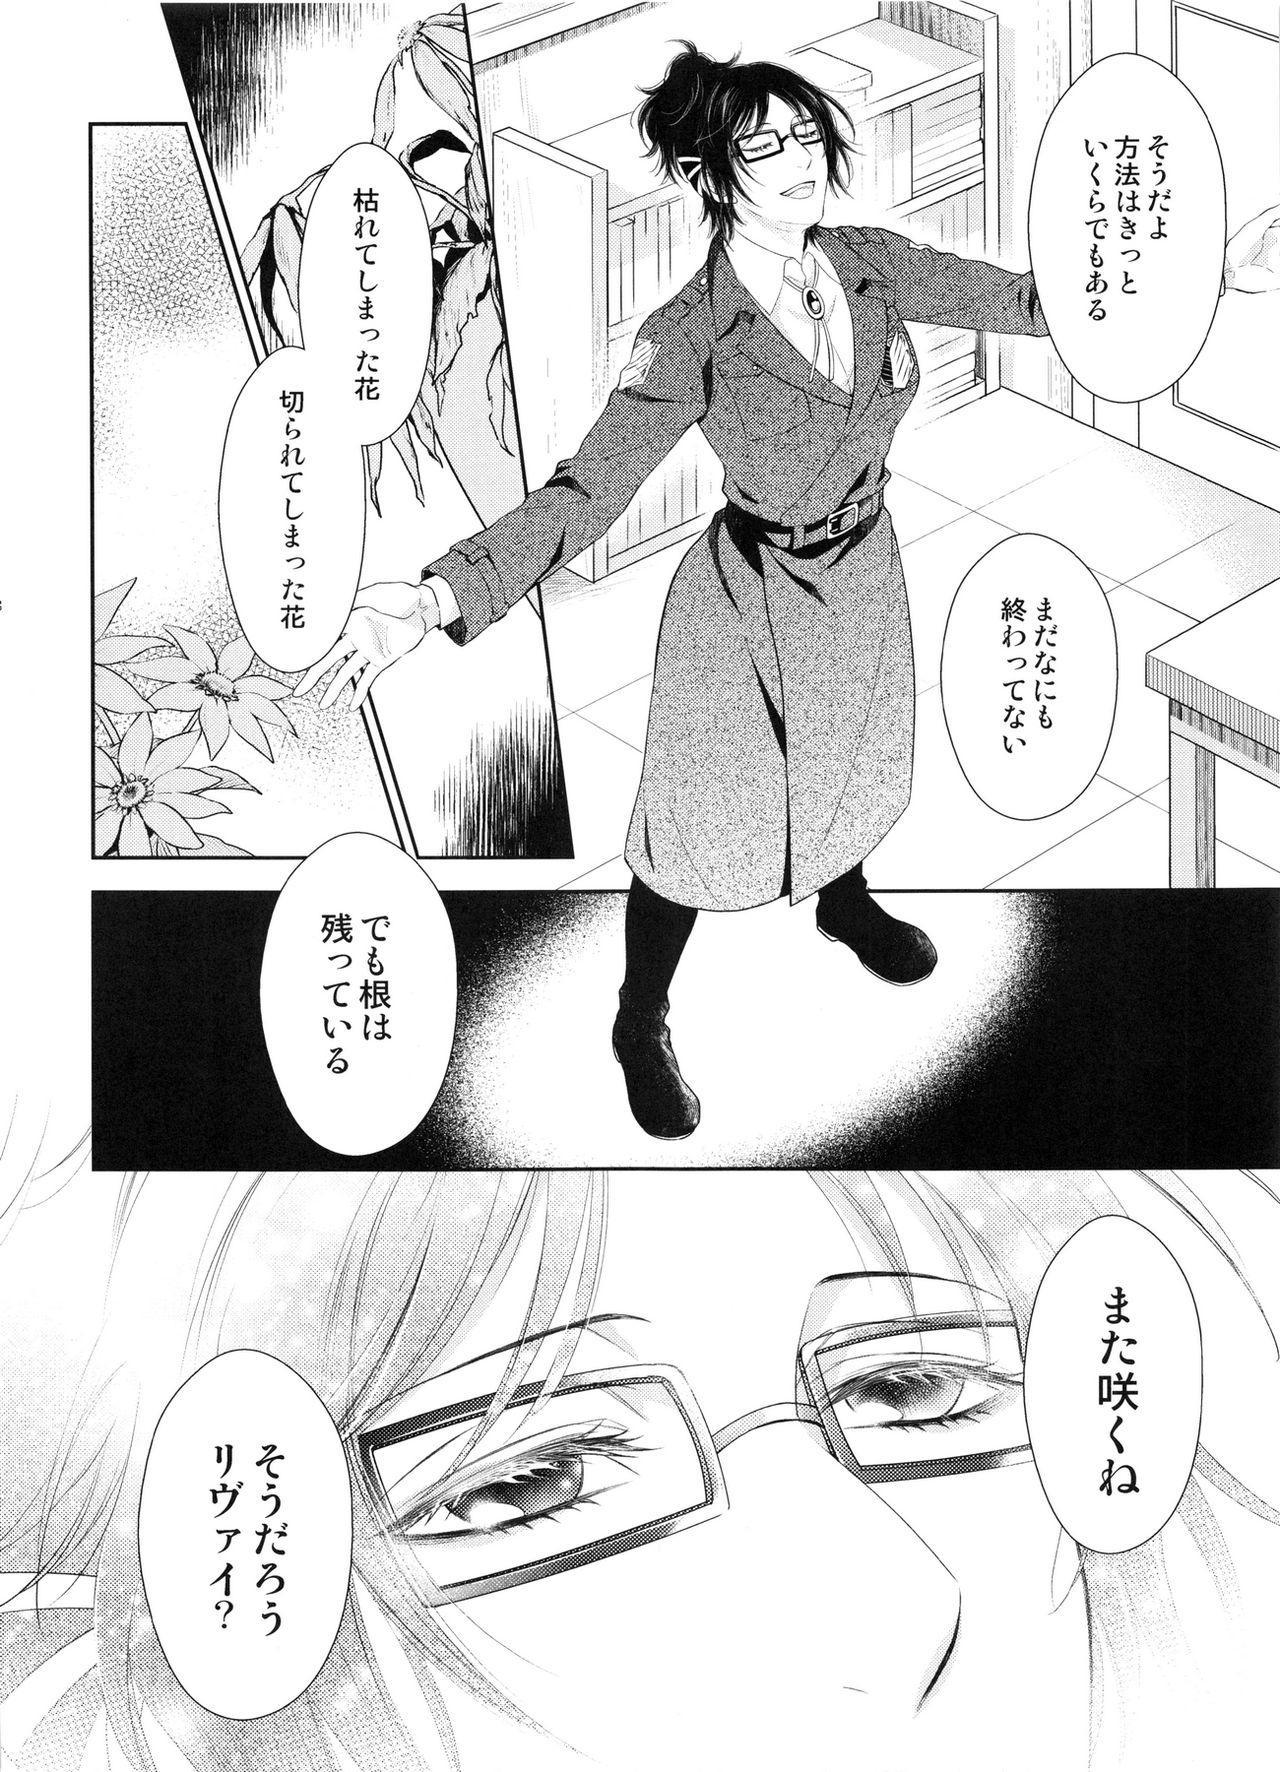 Meguri Meguri Soshite Mata Hana wa Saku 67